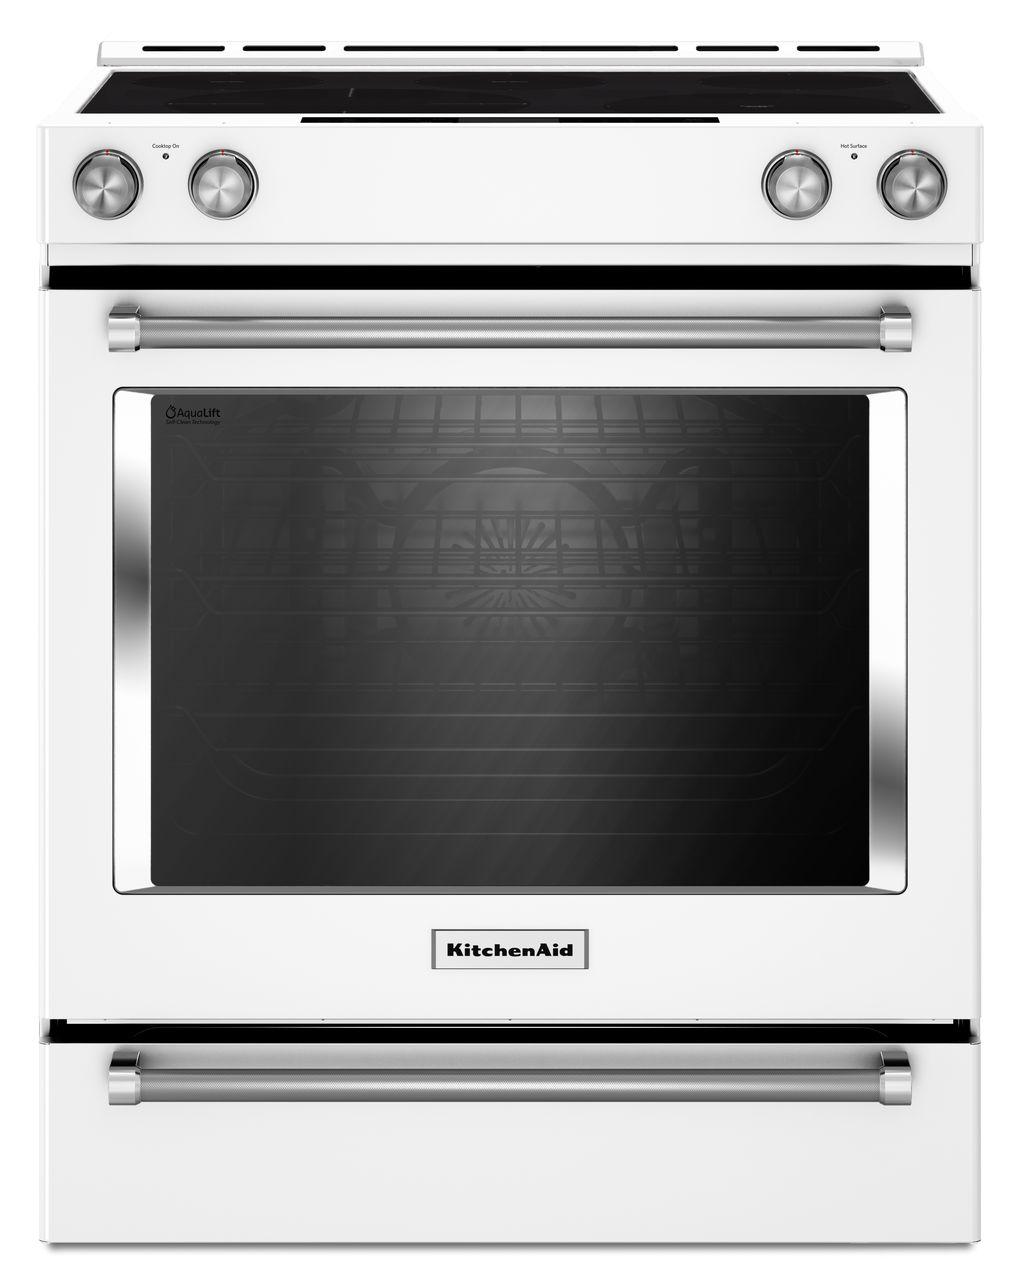 KitchenAid Range/Stove/Oven Model KSEB900EWH0 Parts